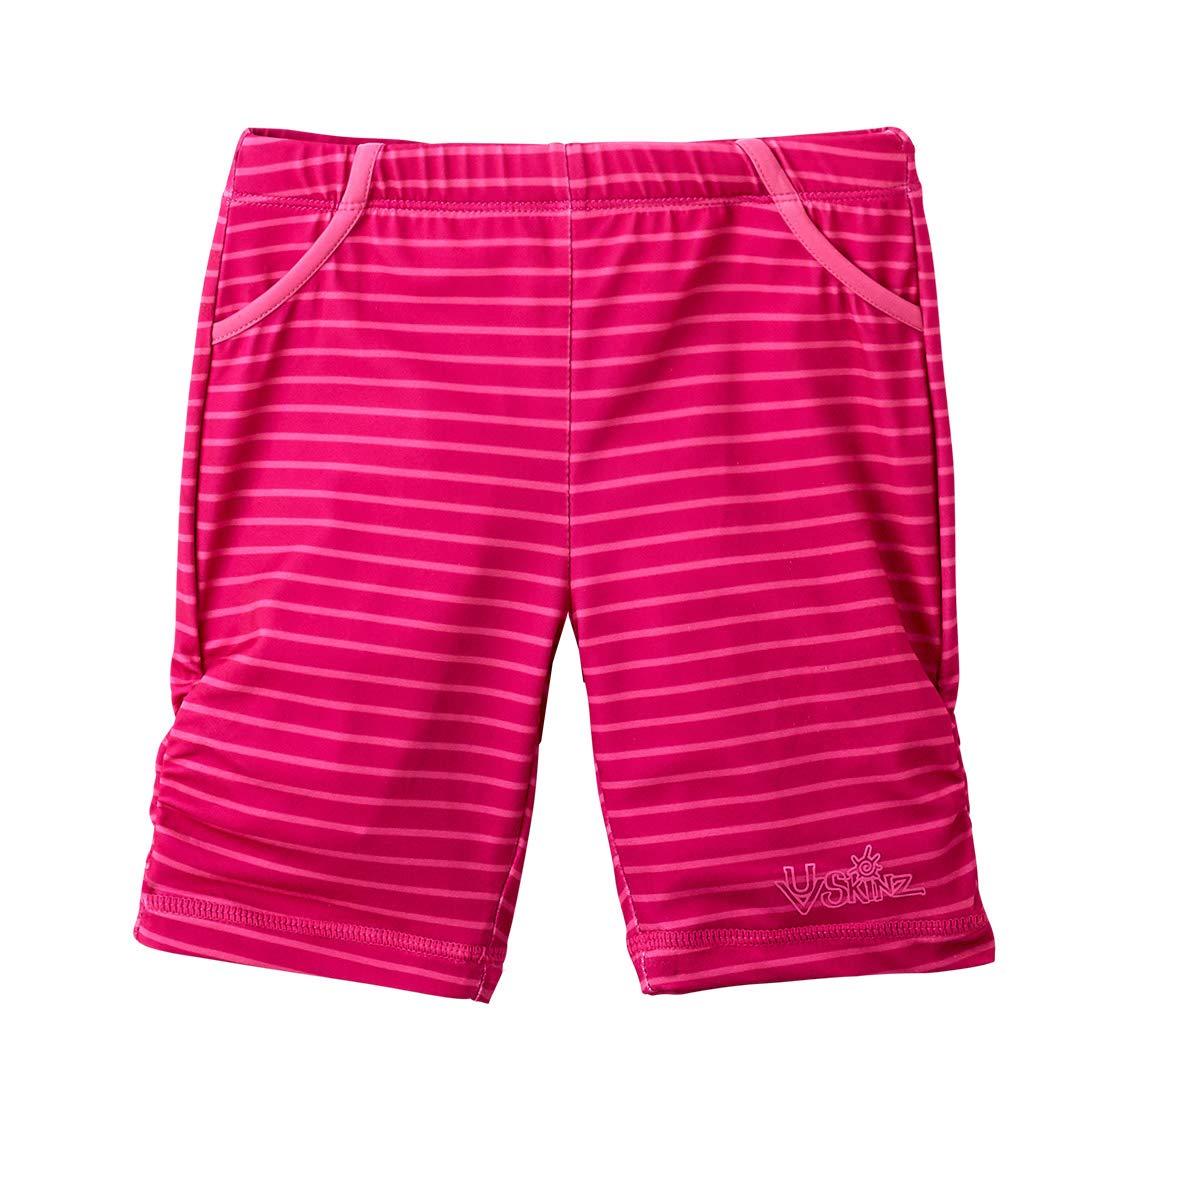 UV Skinz UPF 50+ Girls Swim & Play Jammerz